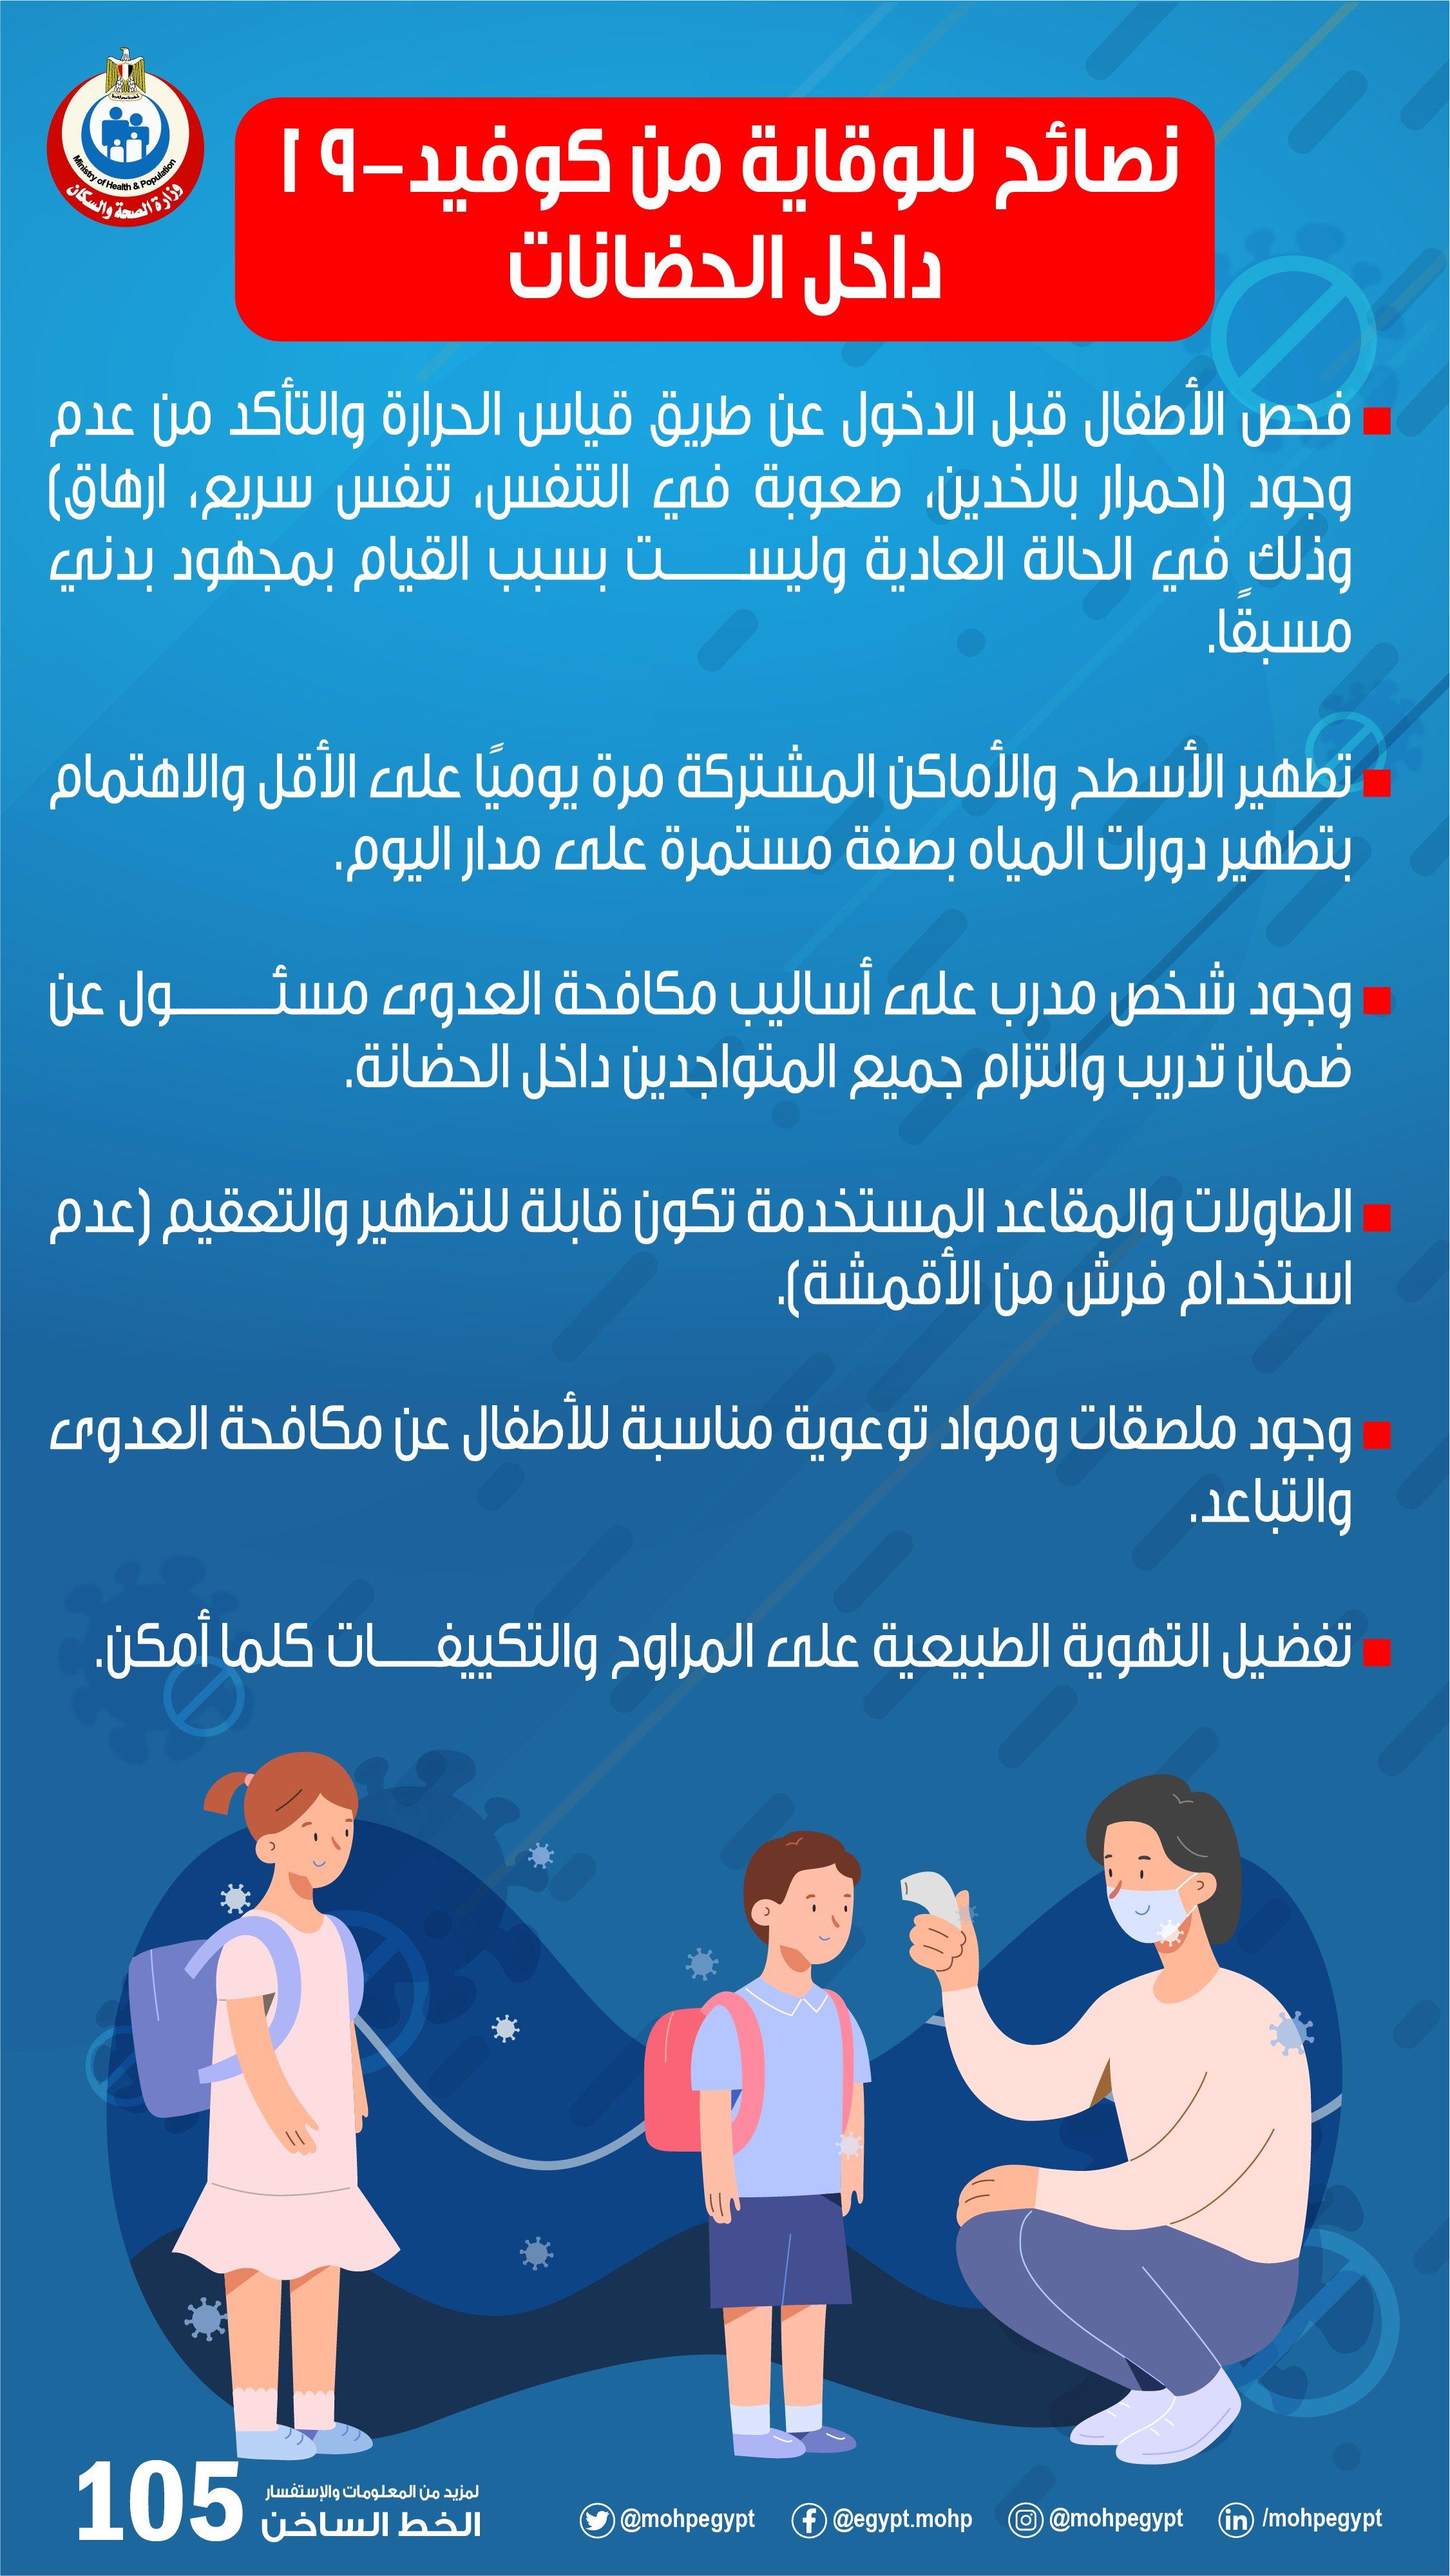 وزارة الصحة على تويتر